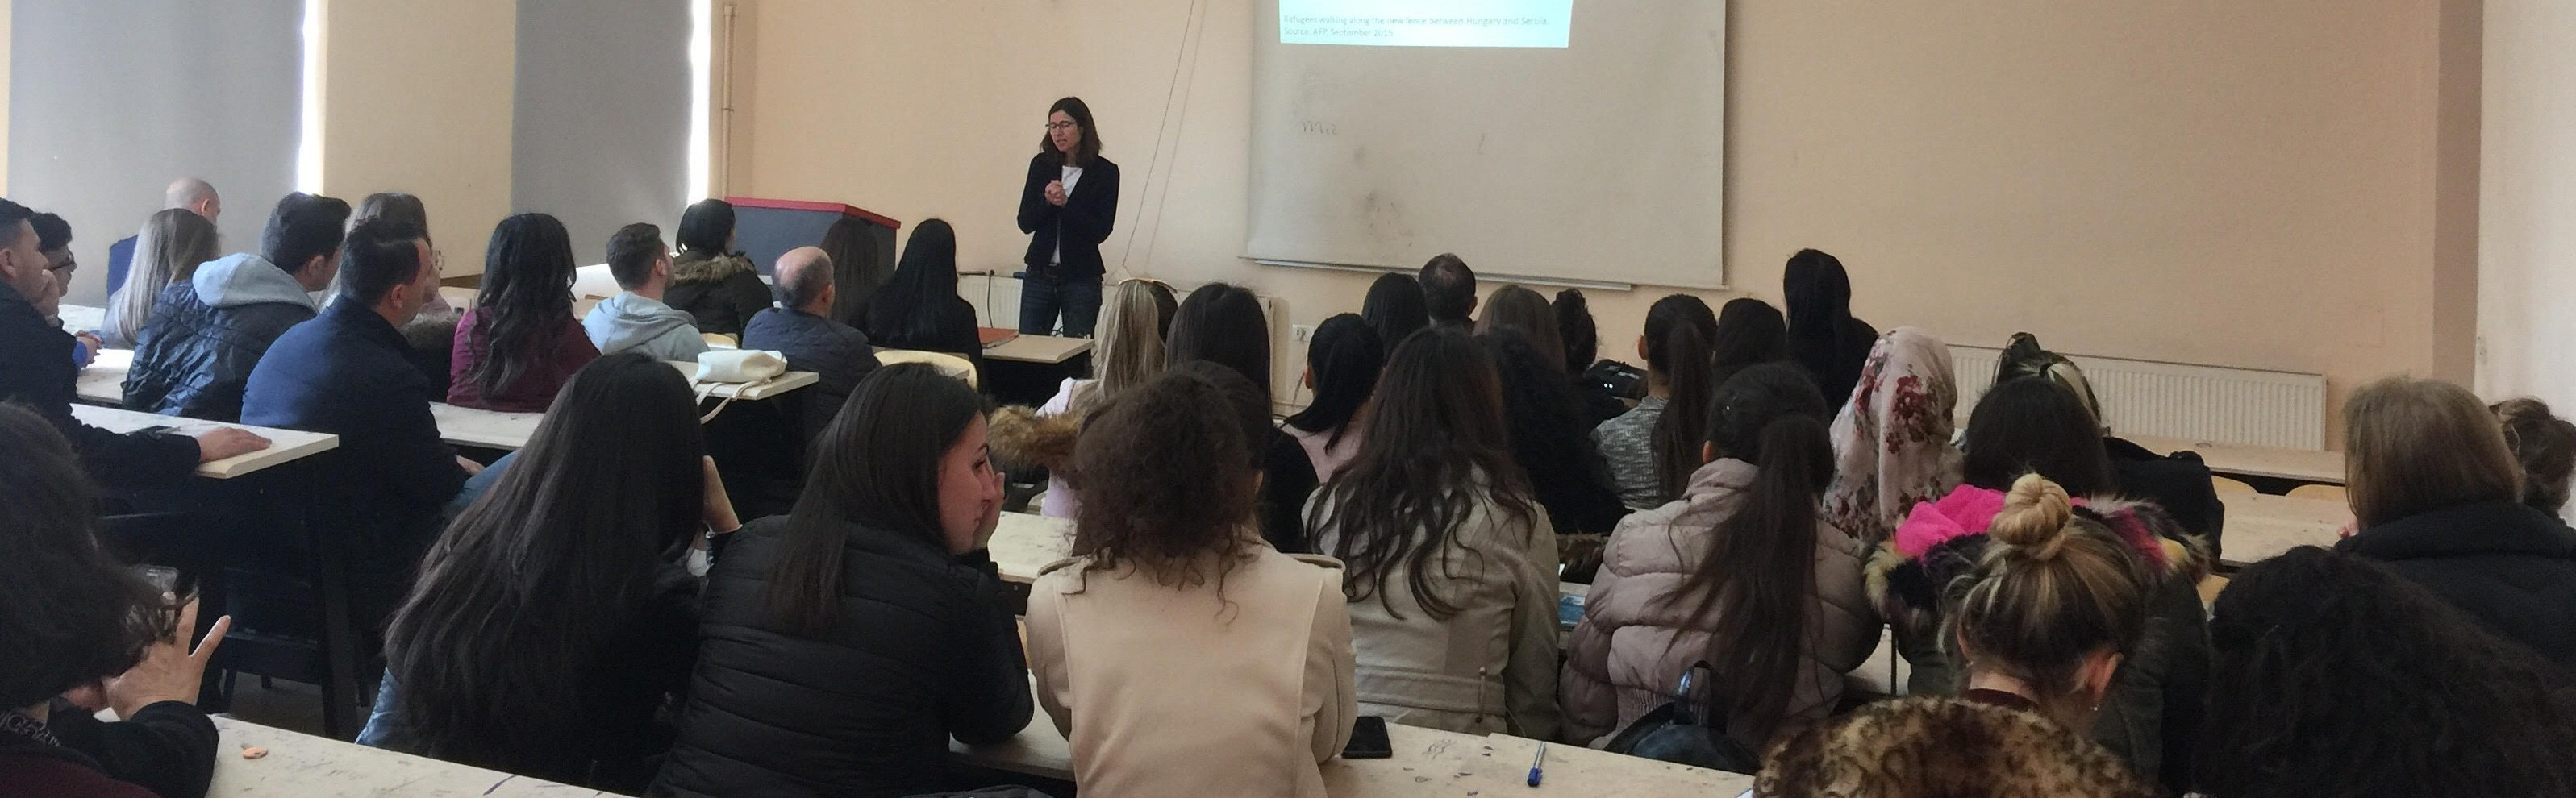 Leksione me studentët e Gjeografisë nga Prof.dr. Birgit Glorius